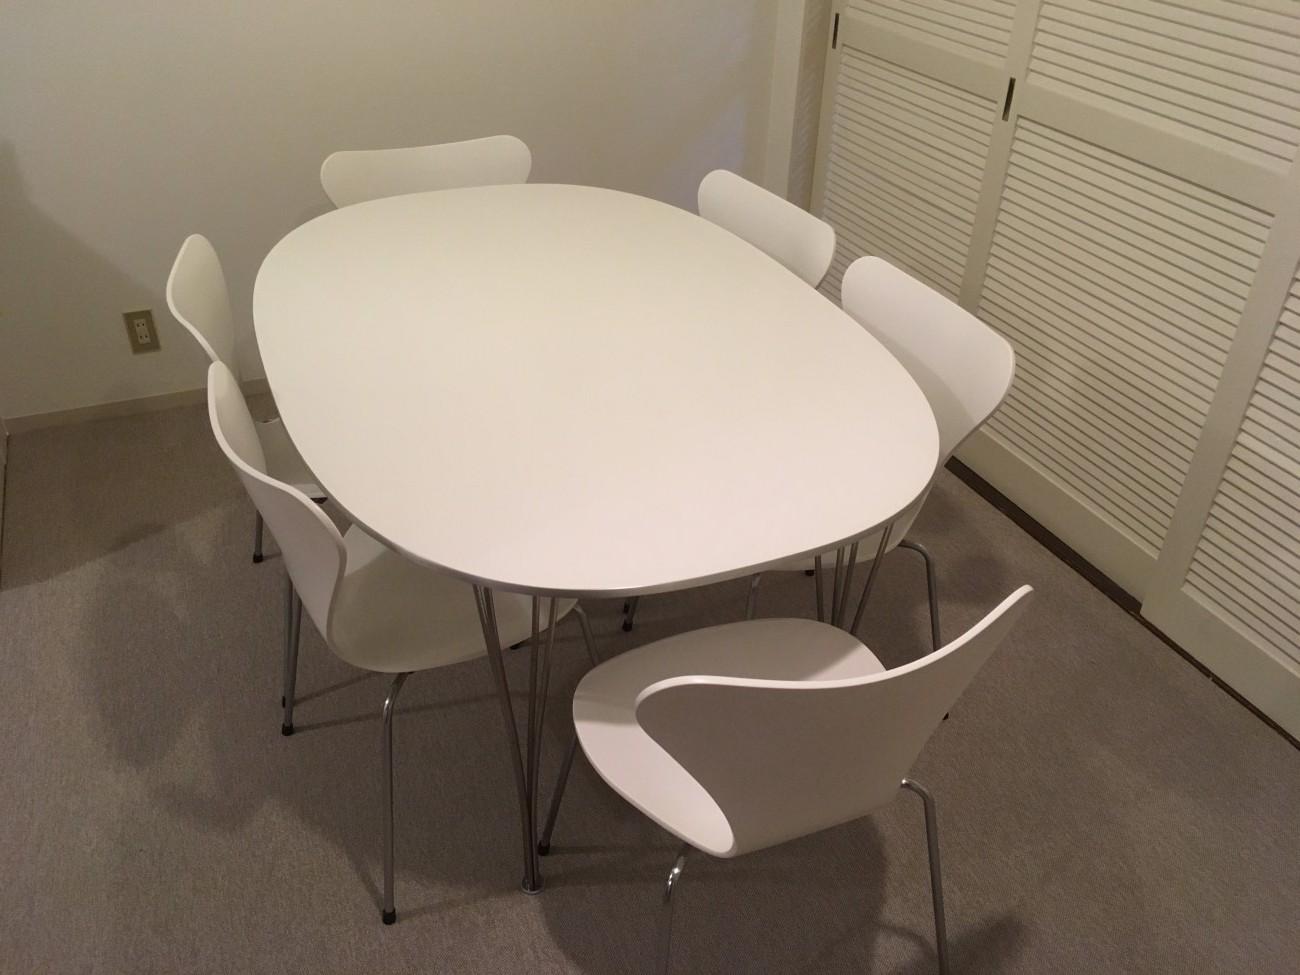 フリッツハンセンのテーブルとセブンチェアのお届け風景